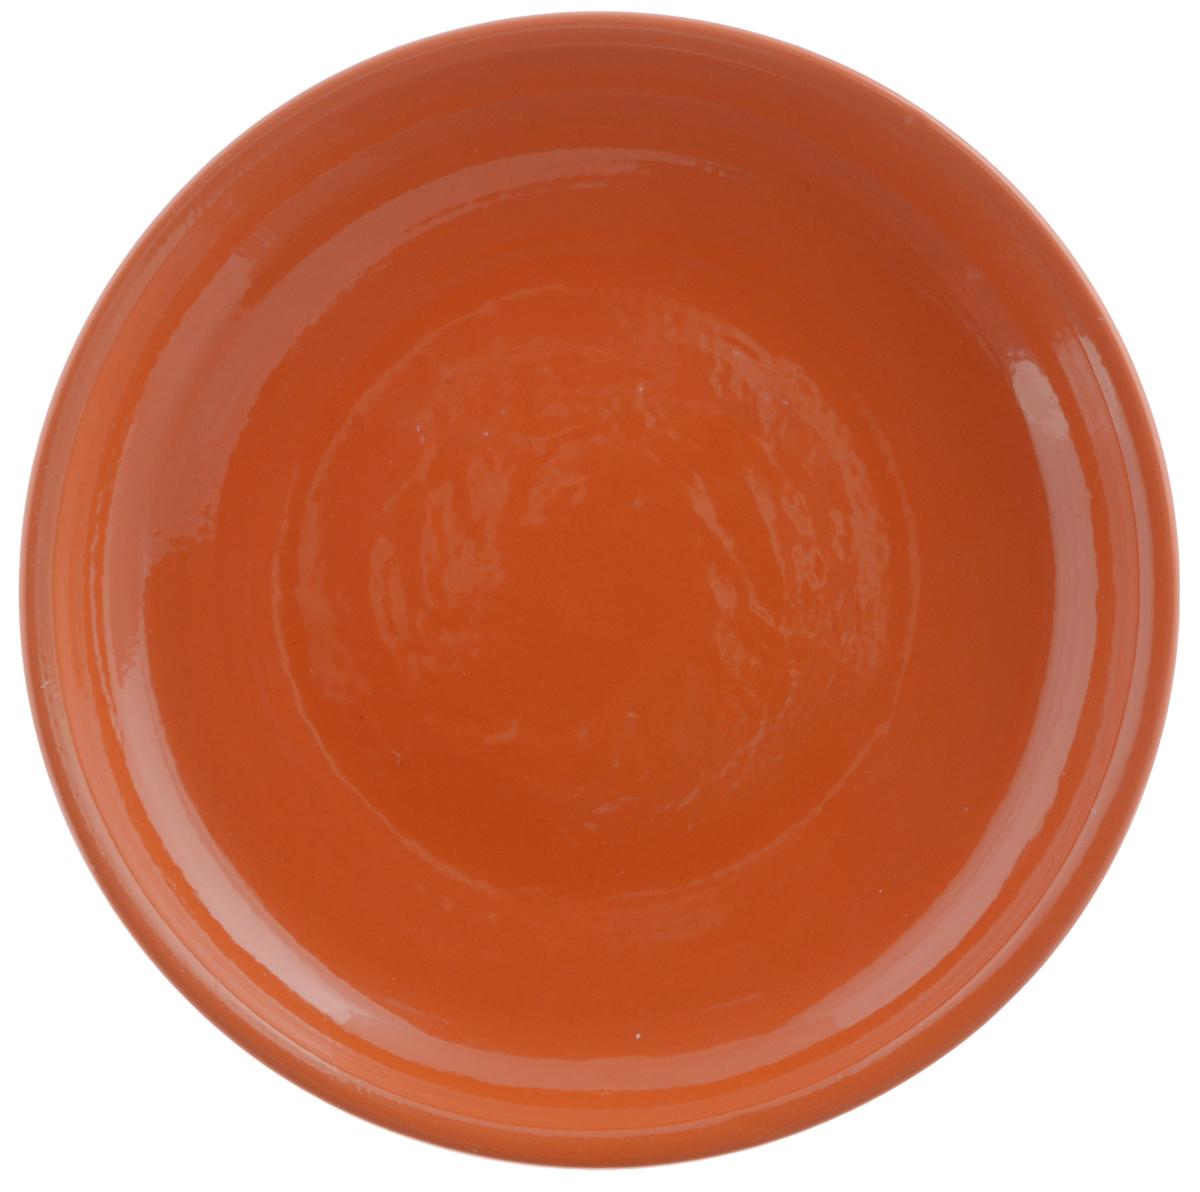 Тарелка Борисовская керамика Радуга, цвет: оранжевый, диаметр 18 смРАД00000458_оранжевыйТарелка Борисовская керамика Радуга выполнена из высококачественной керамики. Изделие идеально подойдет для сервировки стола и станет отличным подарком к любому празднику. Можно использовать в духовке и микроволновой печи.